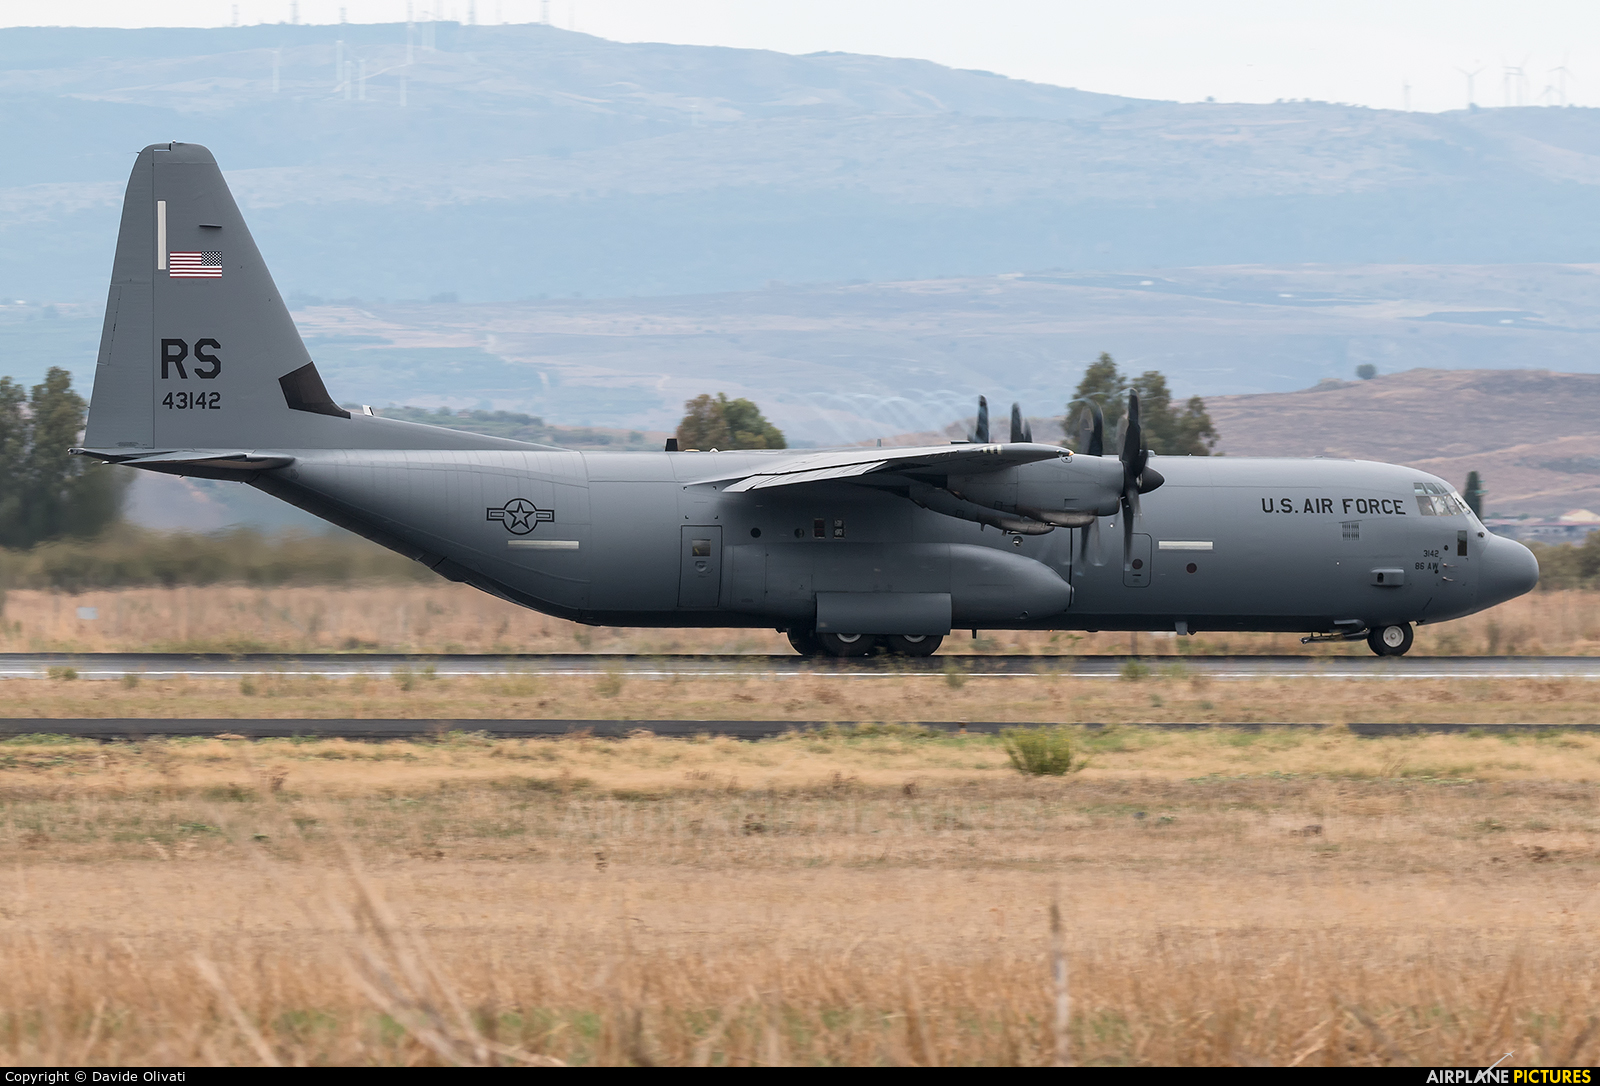 USA - Air Force 04-3142 aircraft at Sigonella